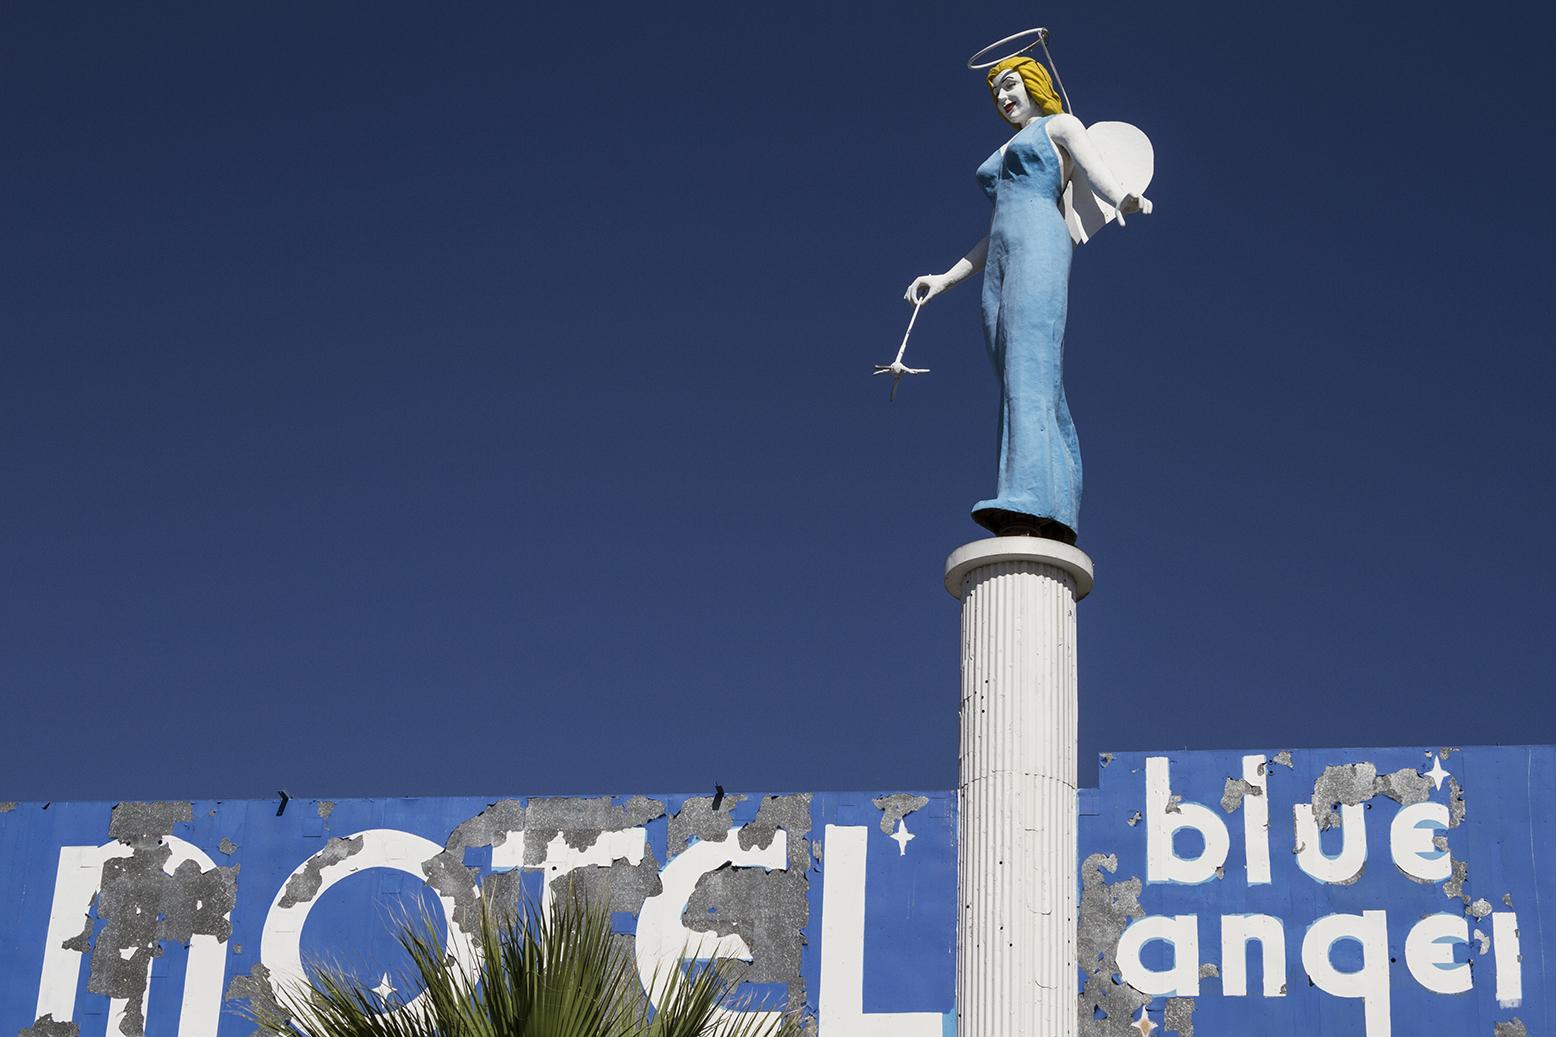 Angels Overhead. Las Vegas, NV 2013